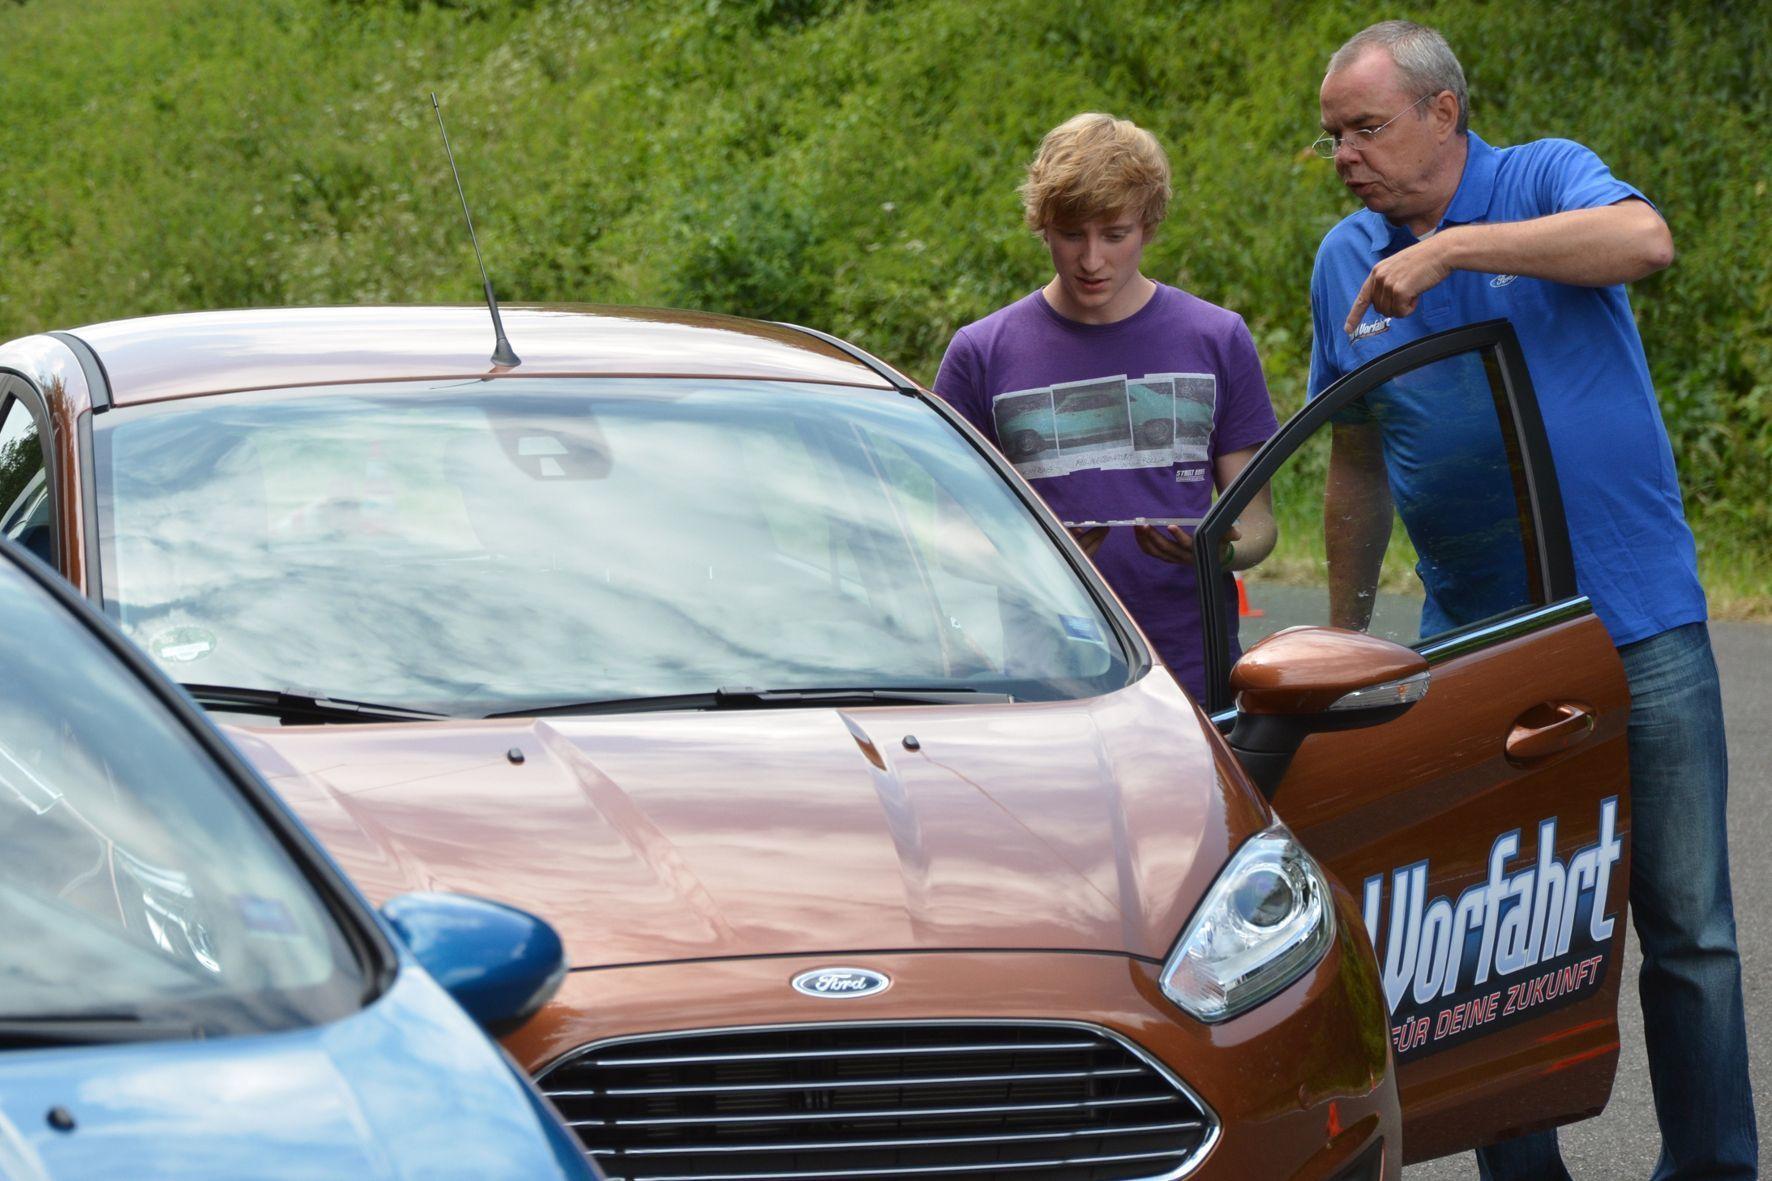 """mid Groß-Gerau - Seit 2013 bietet Ford kostenlos das Training """"Vorfahrt für Deine Zukunft"""" in Zusammenarbeit mit dem Deutschen Verkehrssicherheitsrat an."""